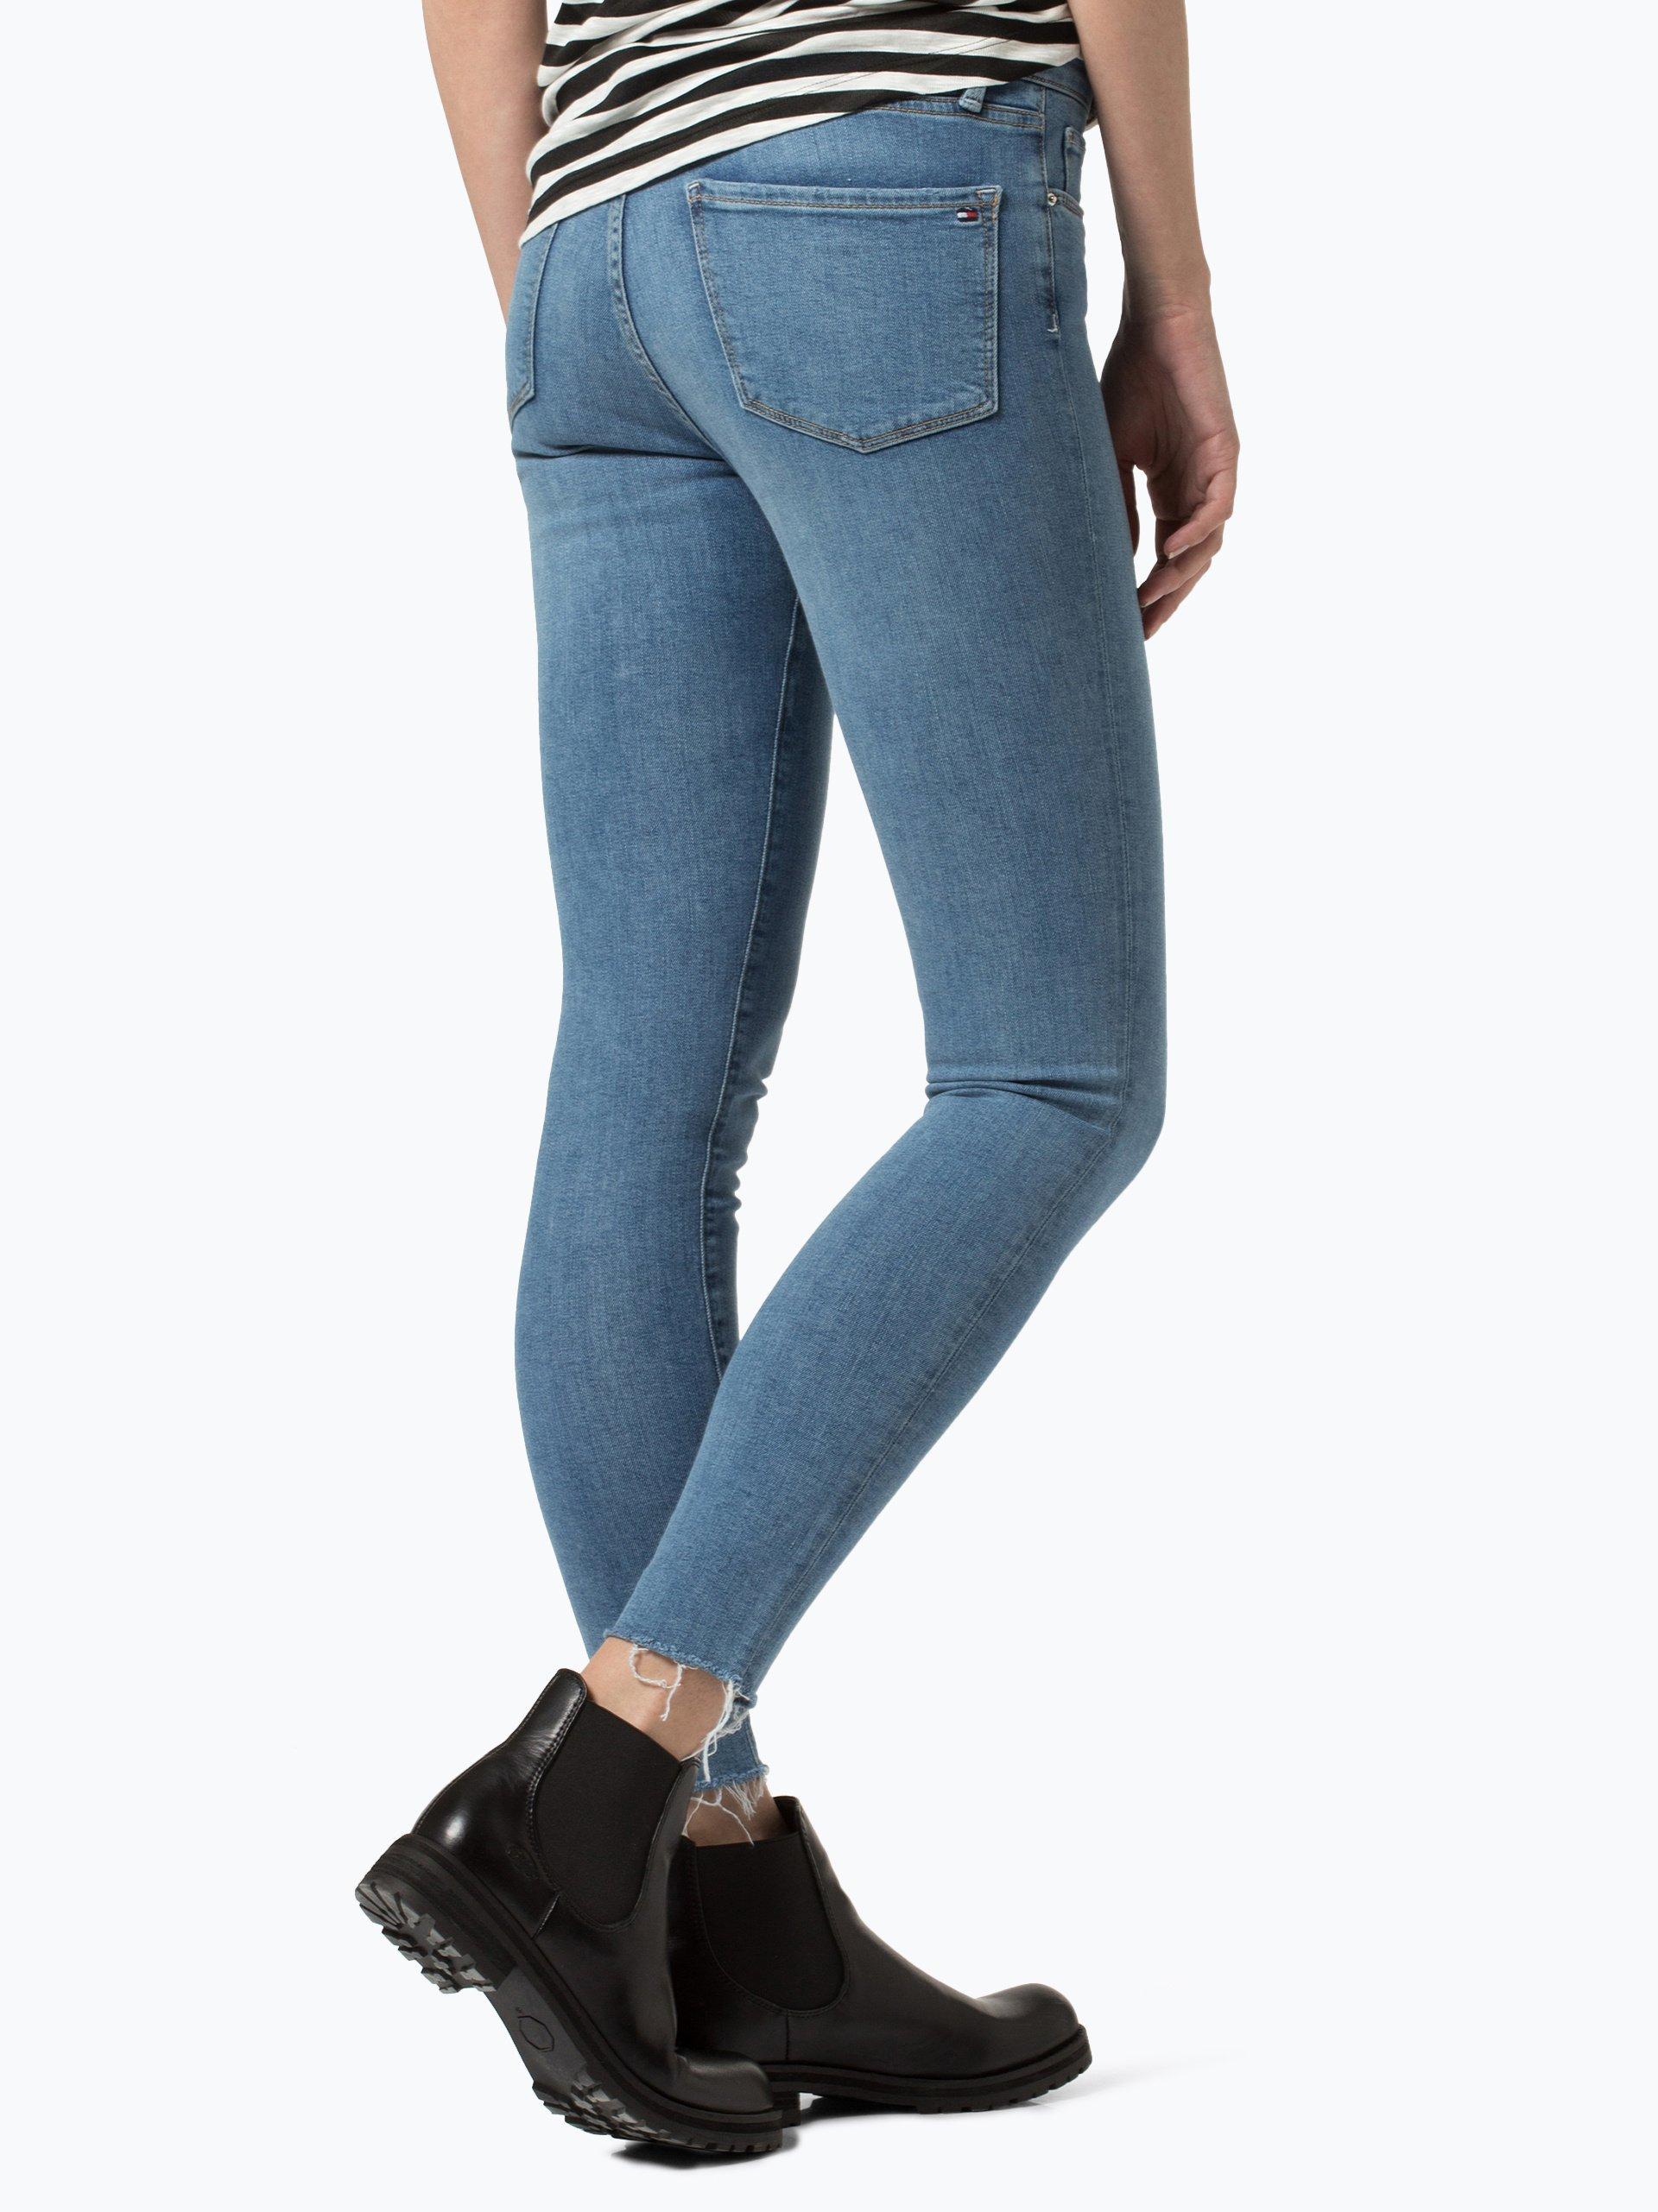 tommy hilfiger damen jeans como ankle milena online. Black Bedroom Furniture Sets. Home Design Ideas